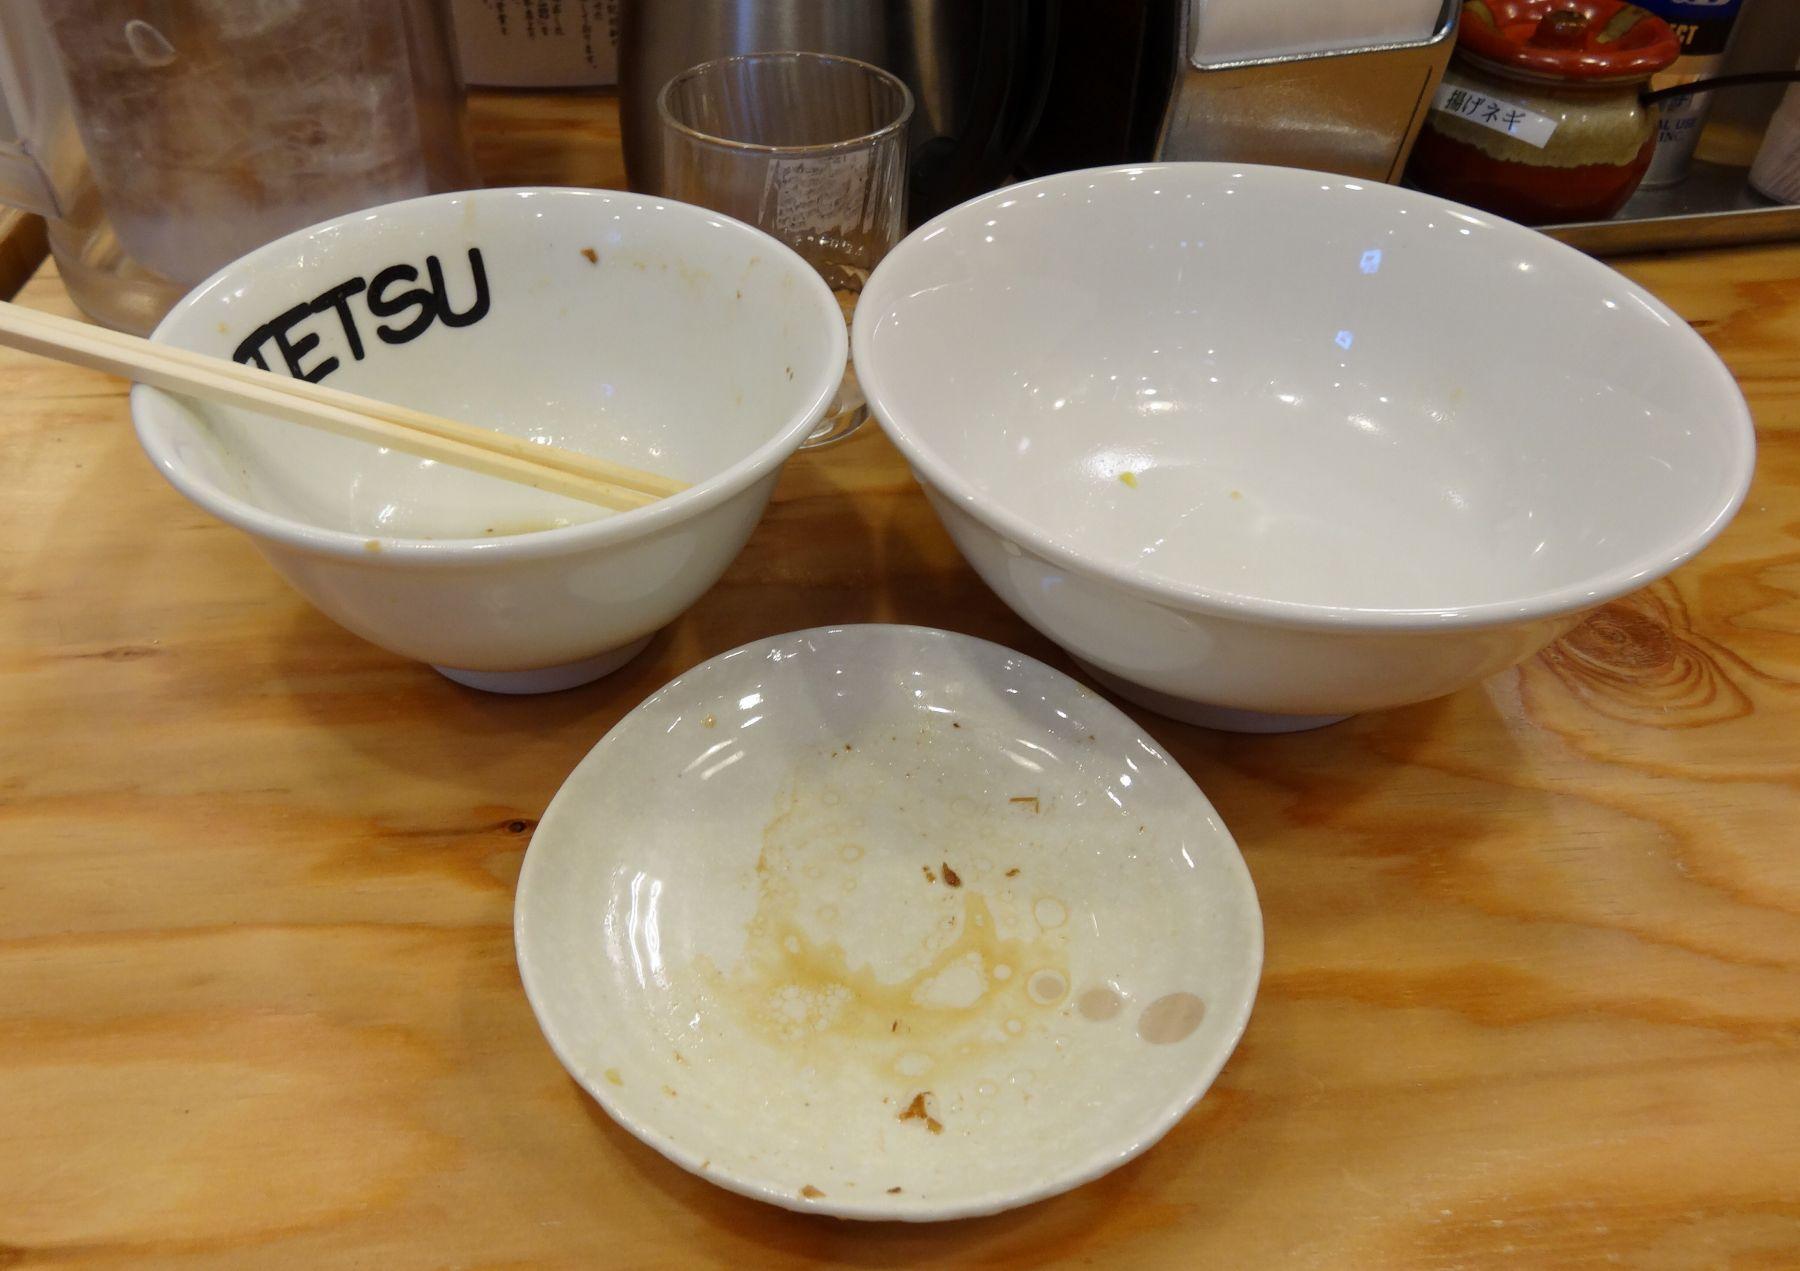 20121206010tetsu.jpg